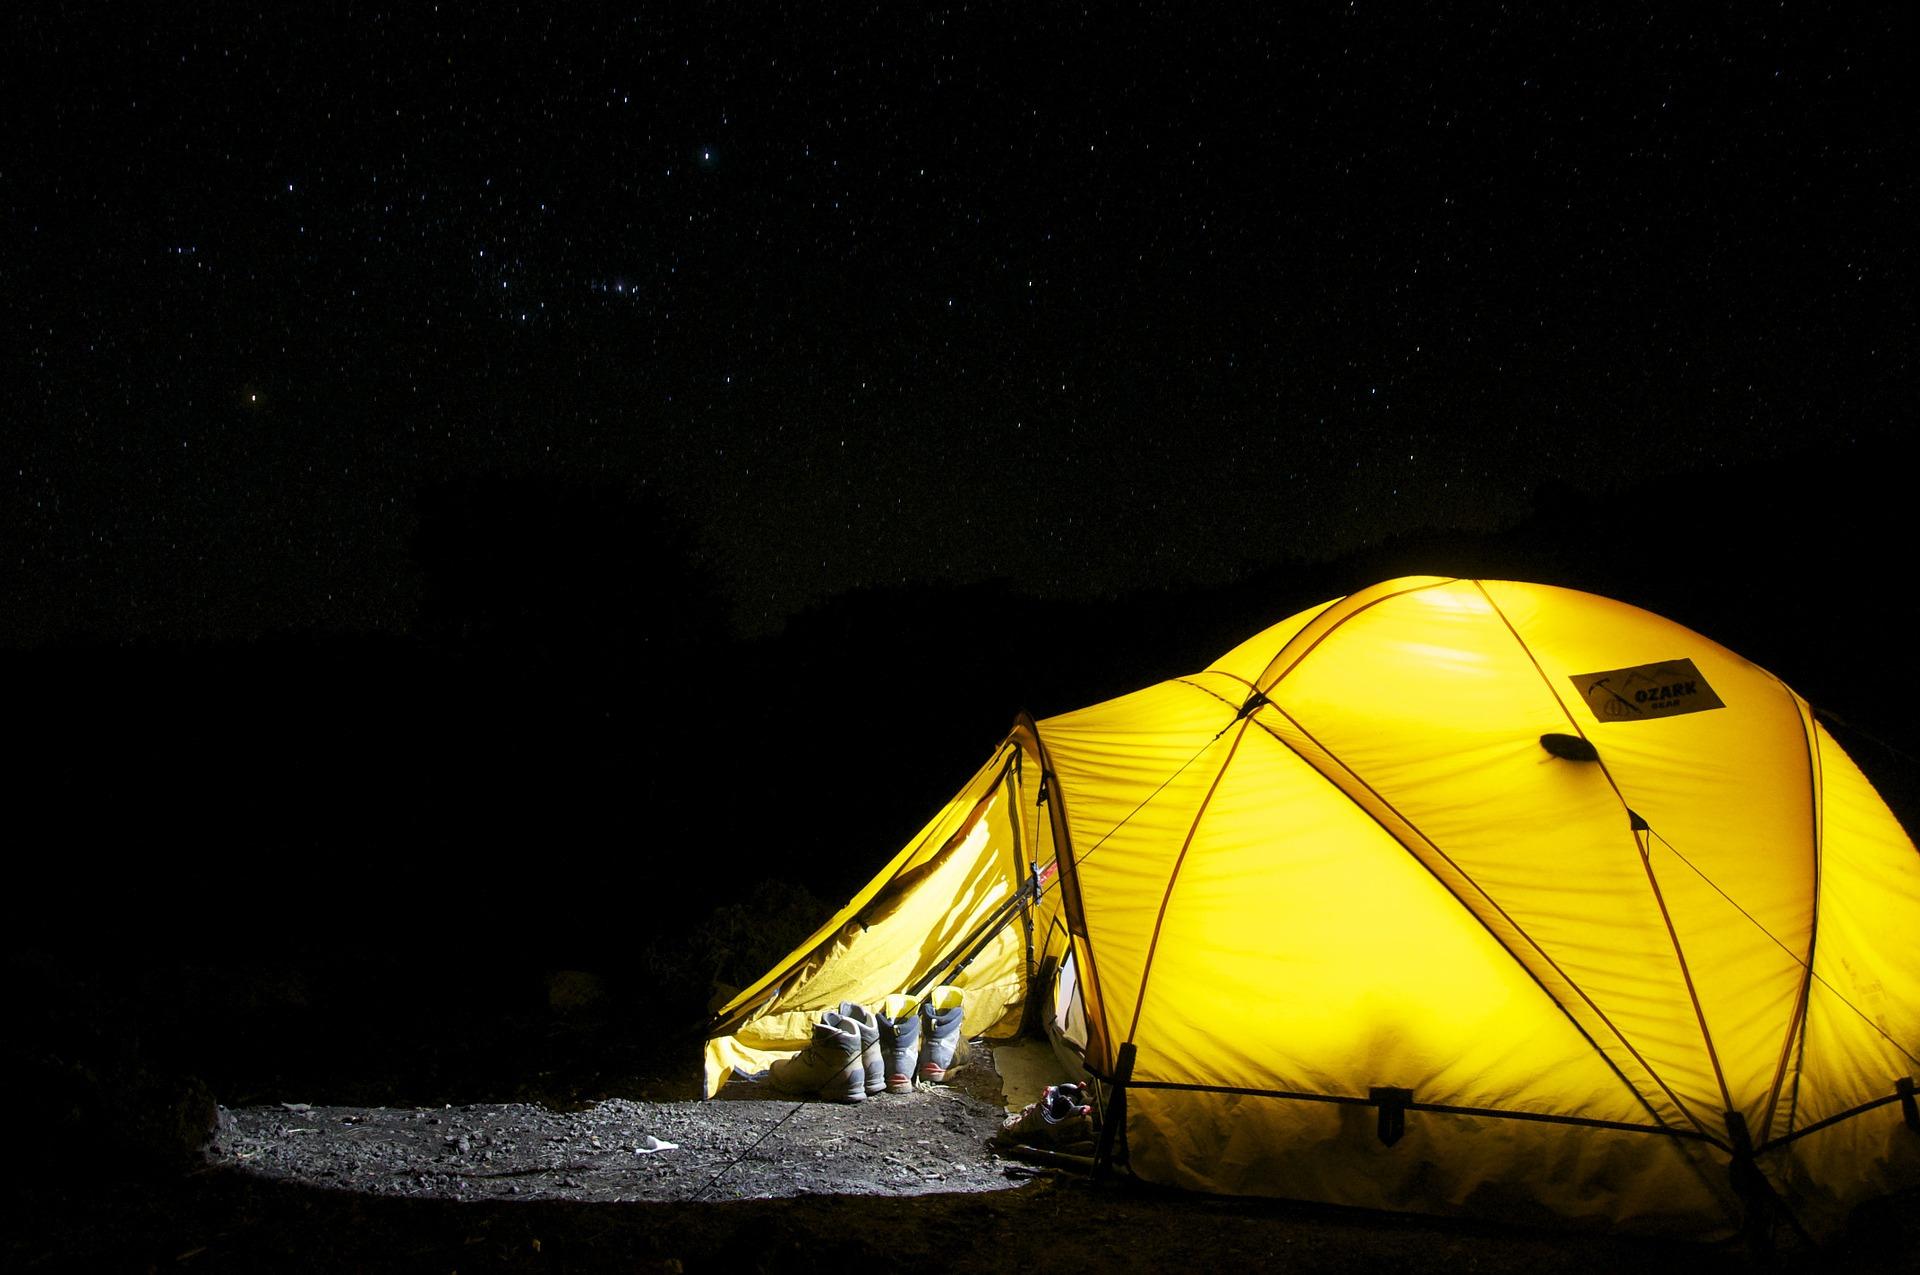 Zakup namiotu. Nie lada wyzwanie